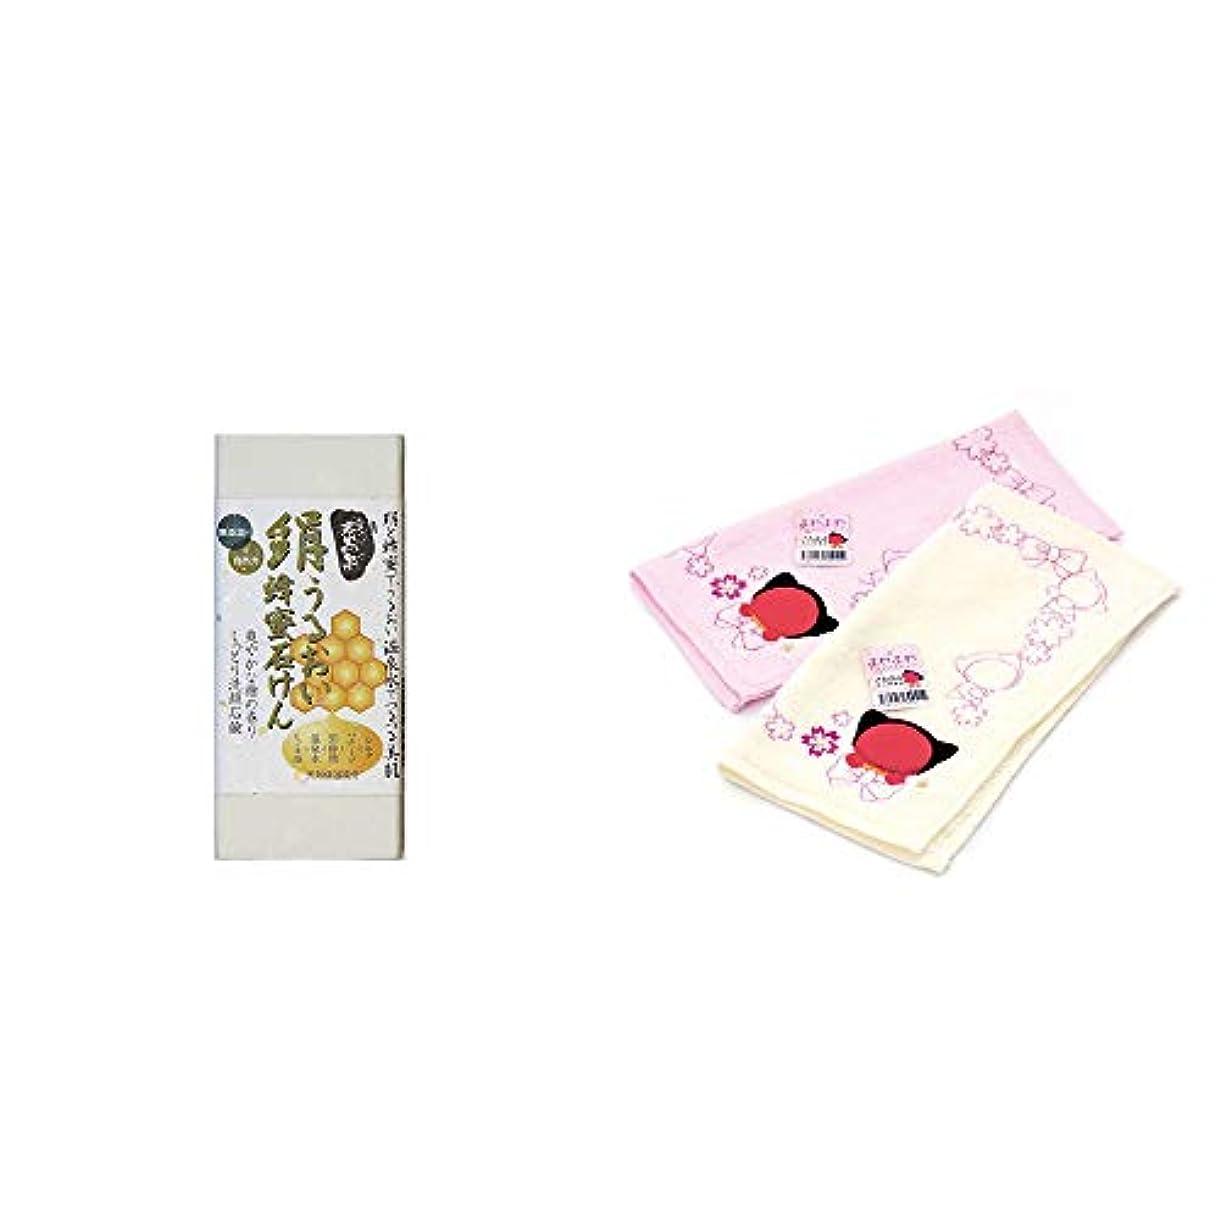 最悪力学ランチョン[2点セット] ひのき炭黒泉 絹うるおい蜂蜜石けん(75g×2)?さるぼぼ ふわふわタオルハンカチ【ピンク】